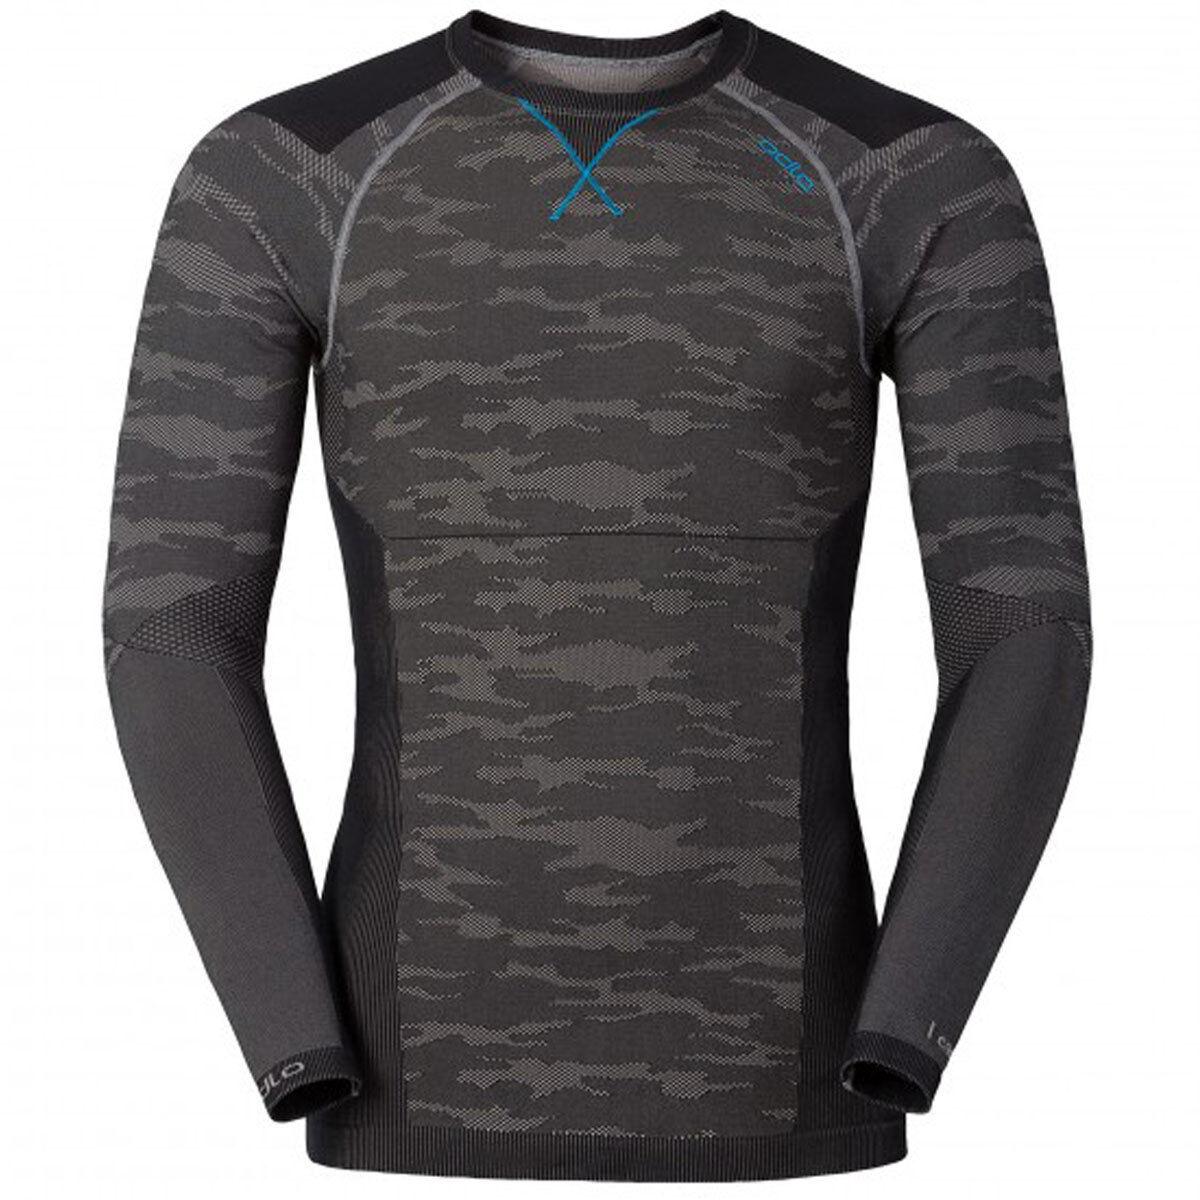 Odlo camisa L s crew Neck negrocomb Evolution cálido cálido cálido   170952-10447 Sport bajo camisa. e8f7fa